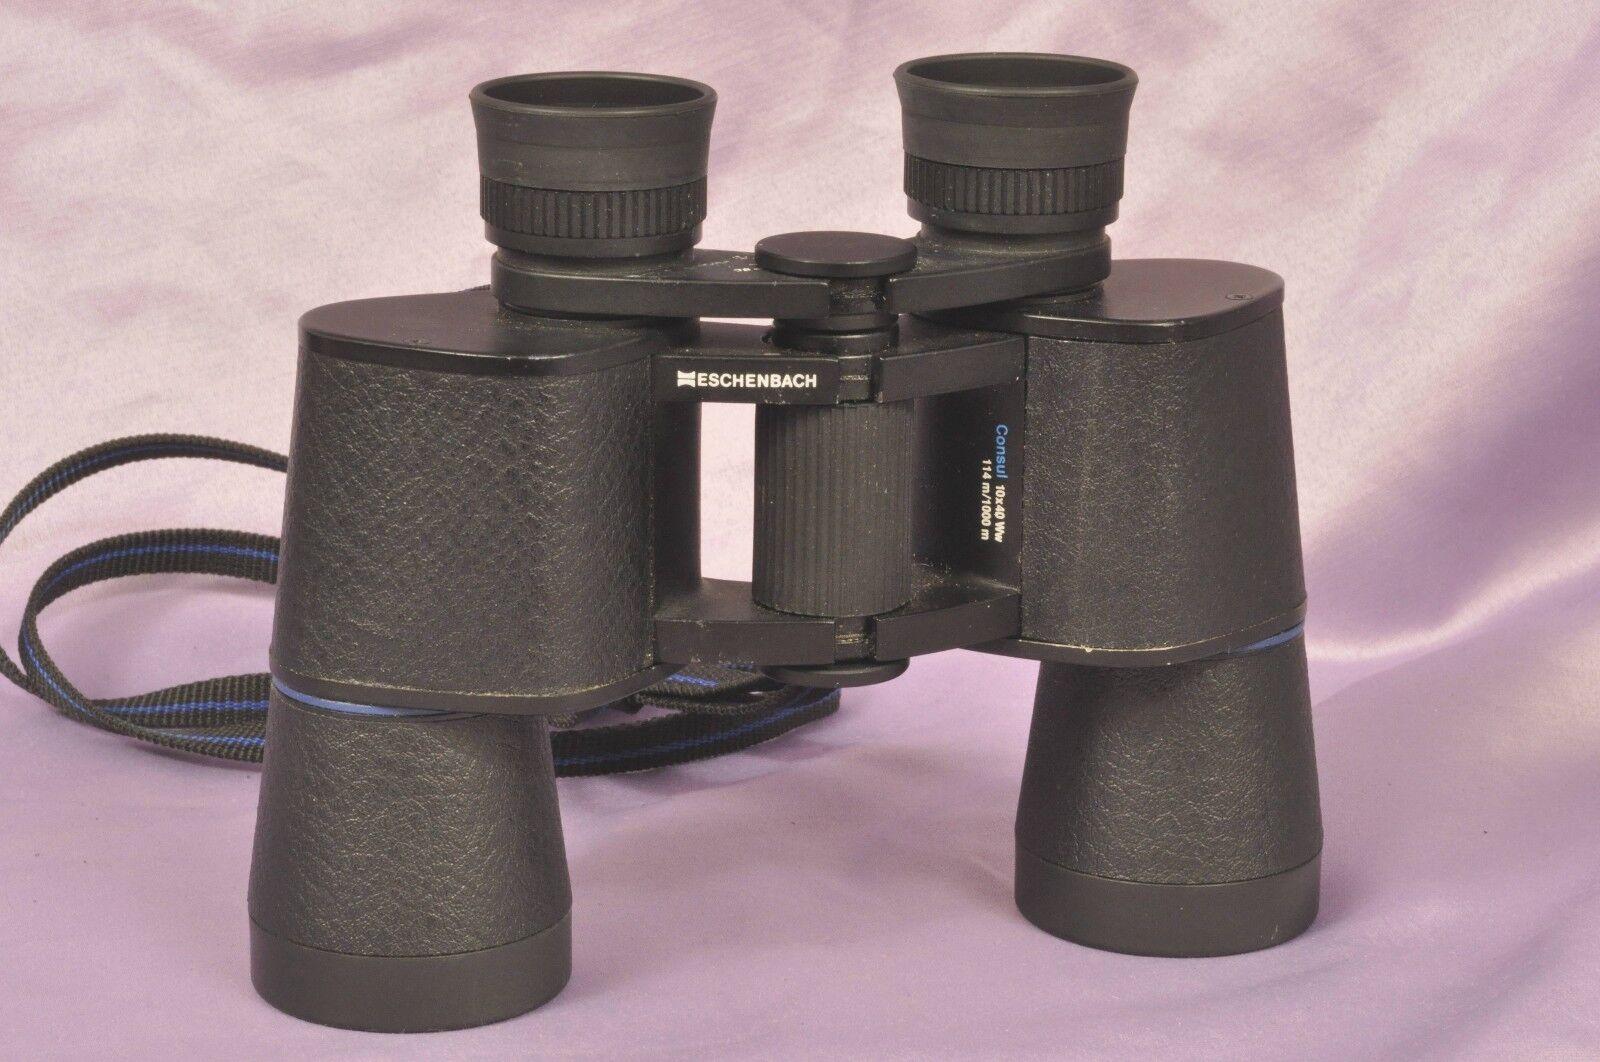 Eschenbach consul 10x40 WW bak. 4 multi remuneración prismáticos binoculares